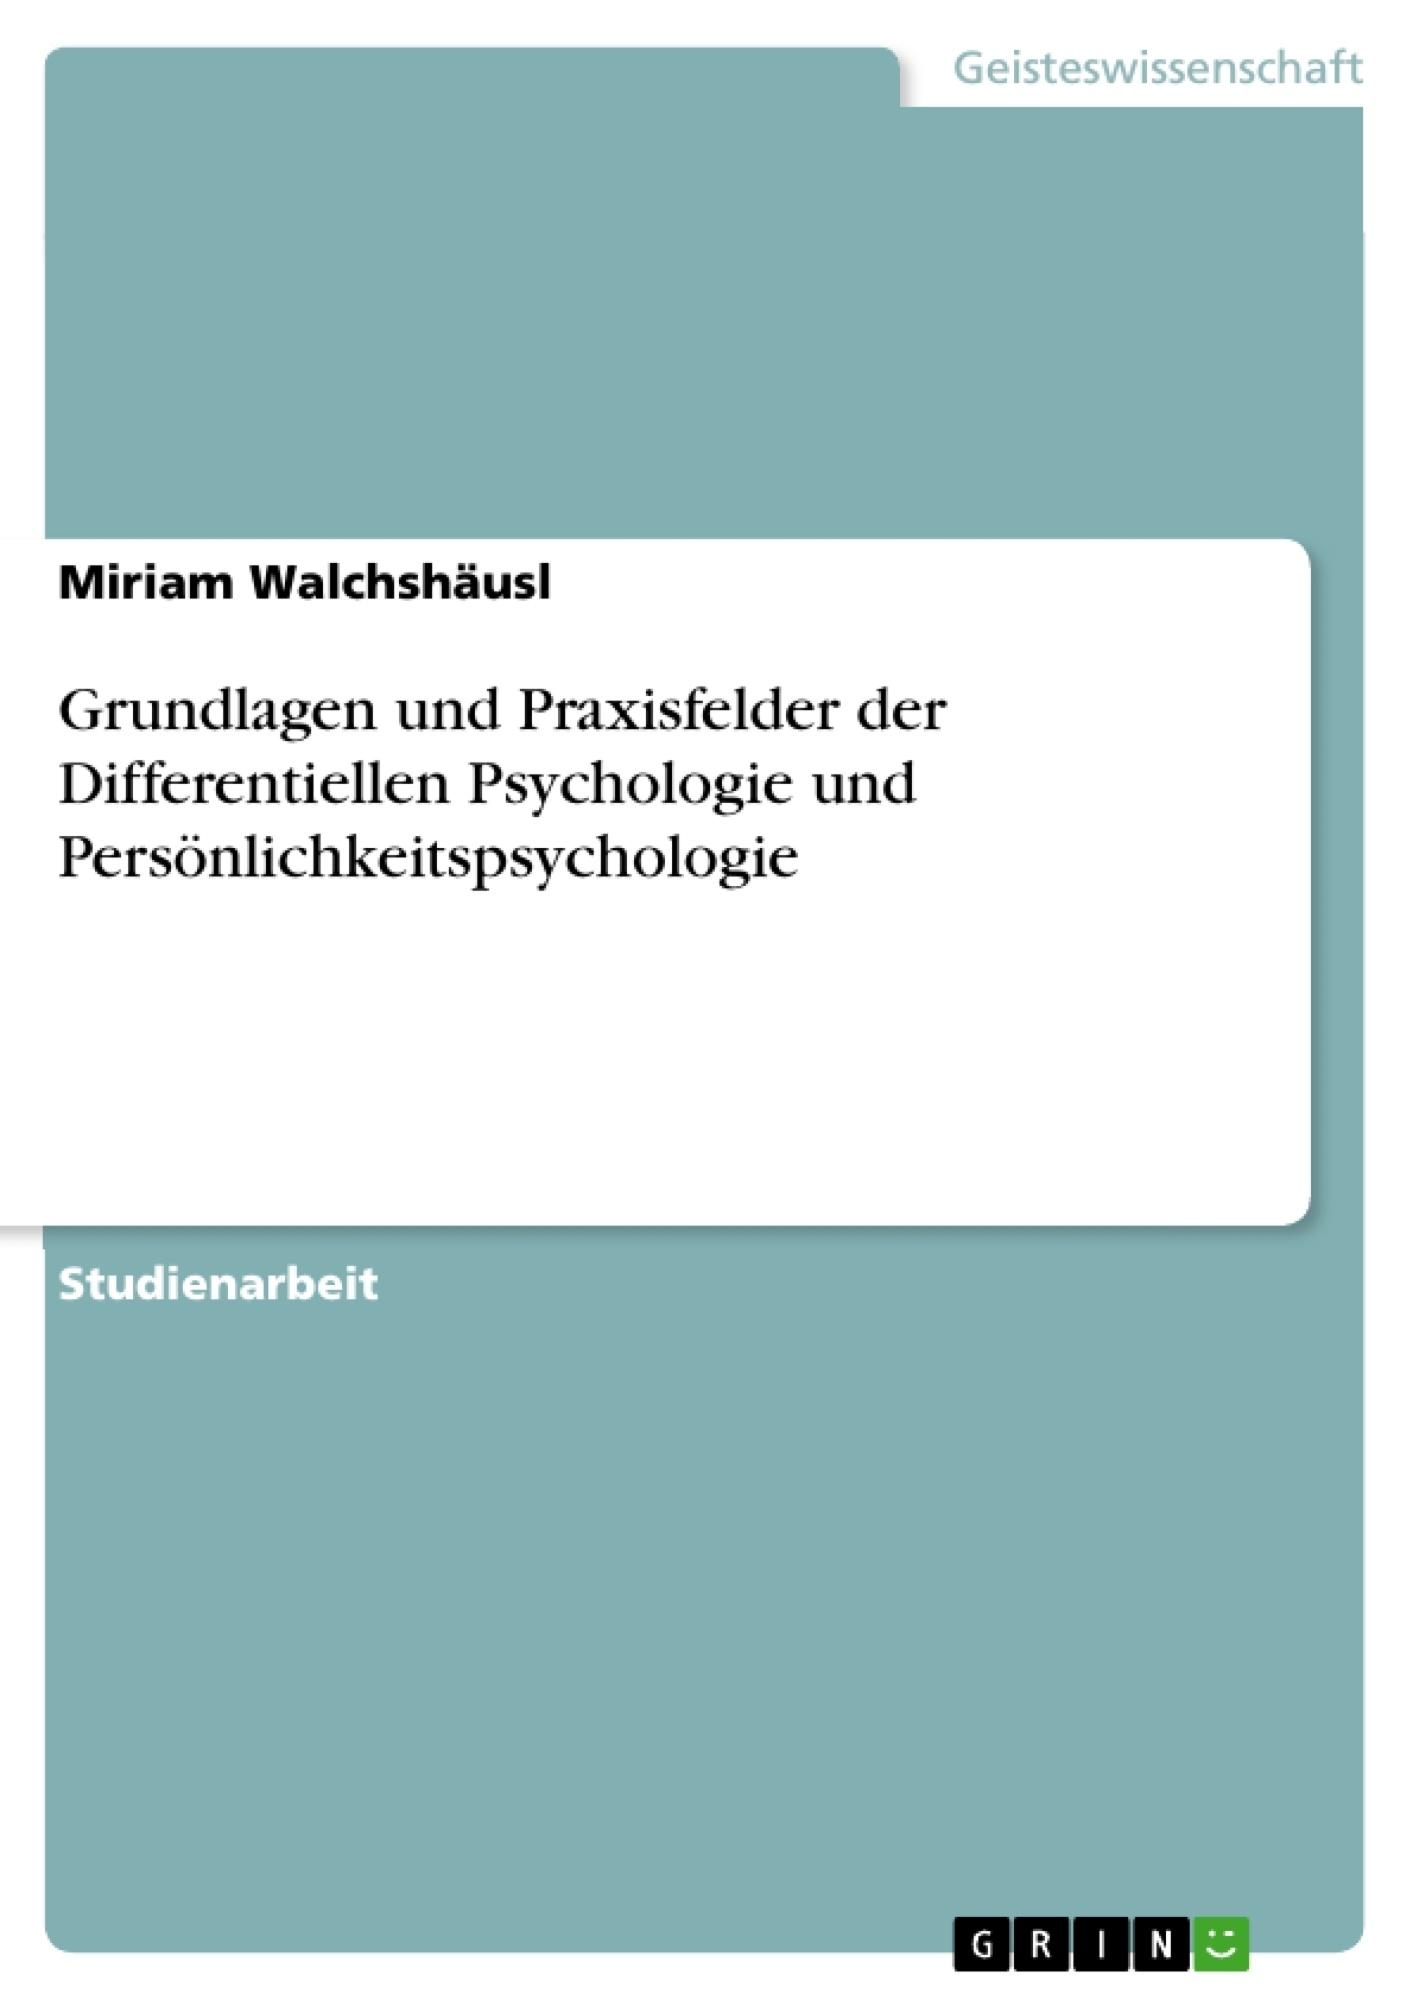 Titel: Grundlagen und Praxisfelder der Differentiellen Psychologie und Persönlichkeitspsychologie